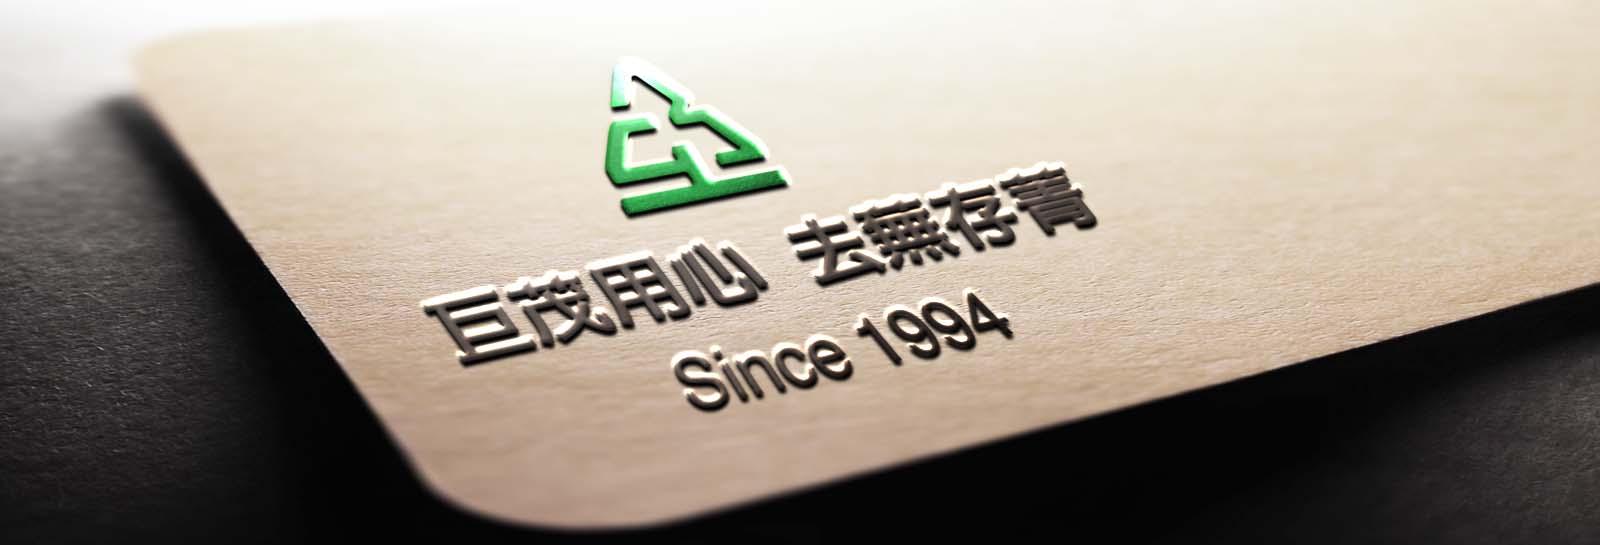 GM-logo-5